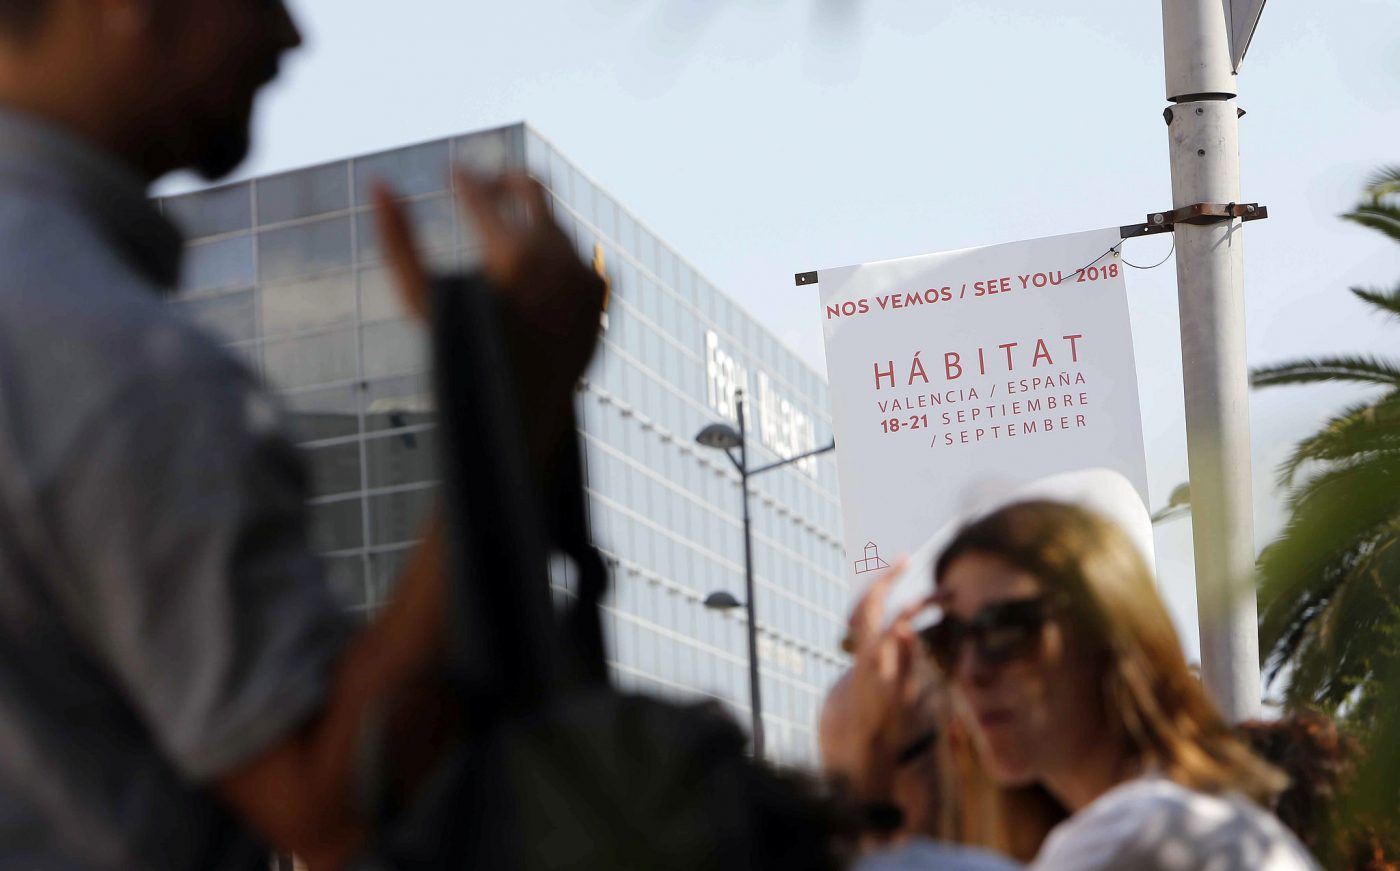 Diseño, cultura, contract y arquitectura perfilan una intensa agenda de HÁBITAT'18